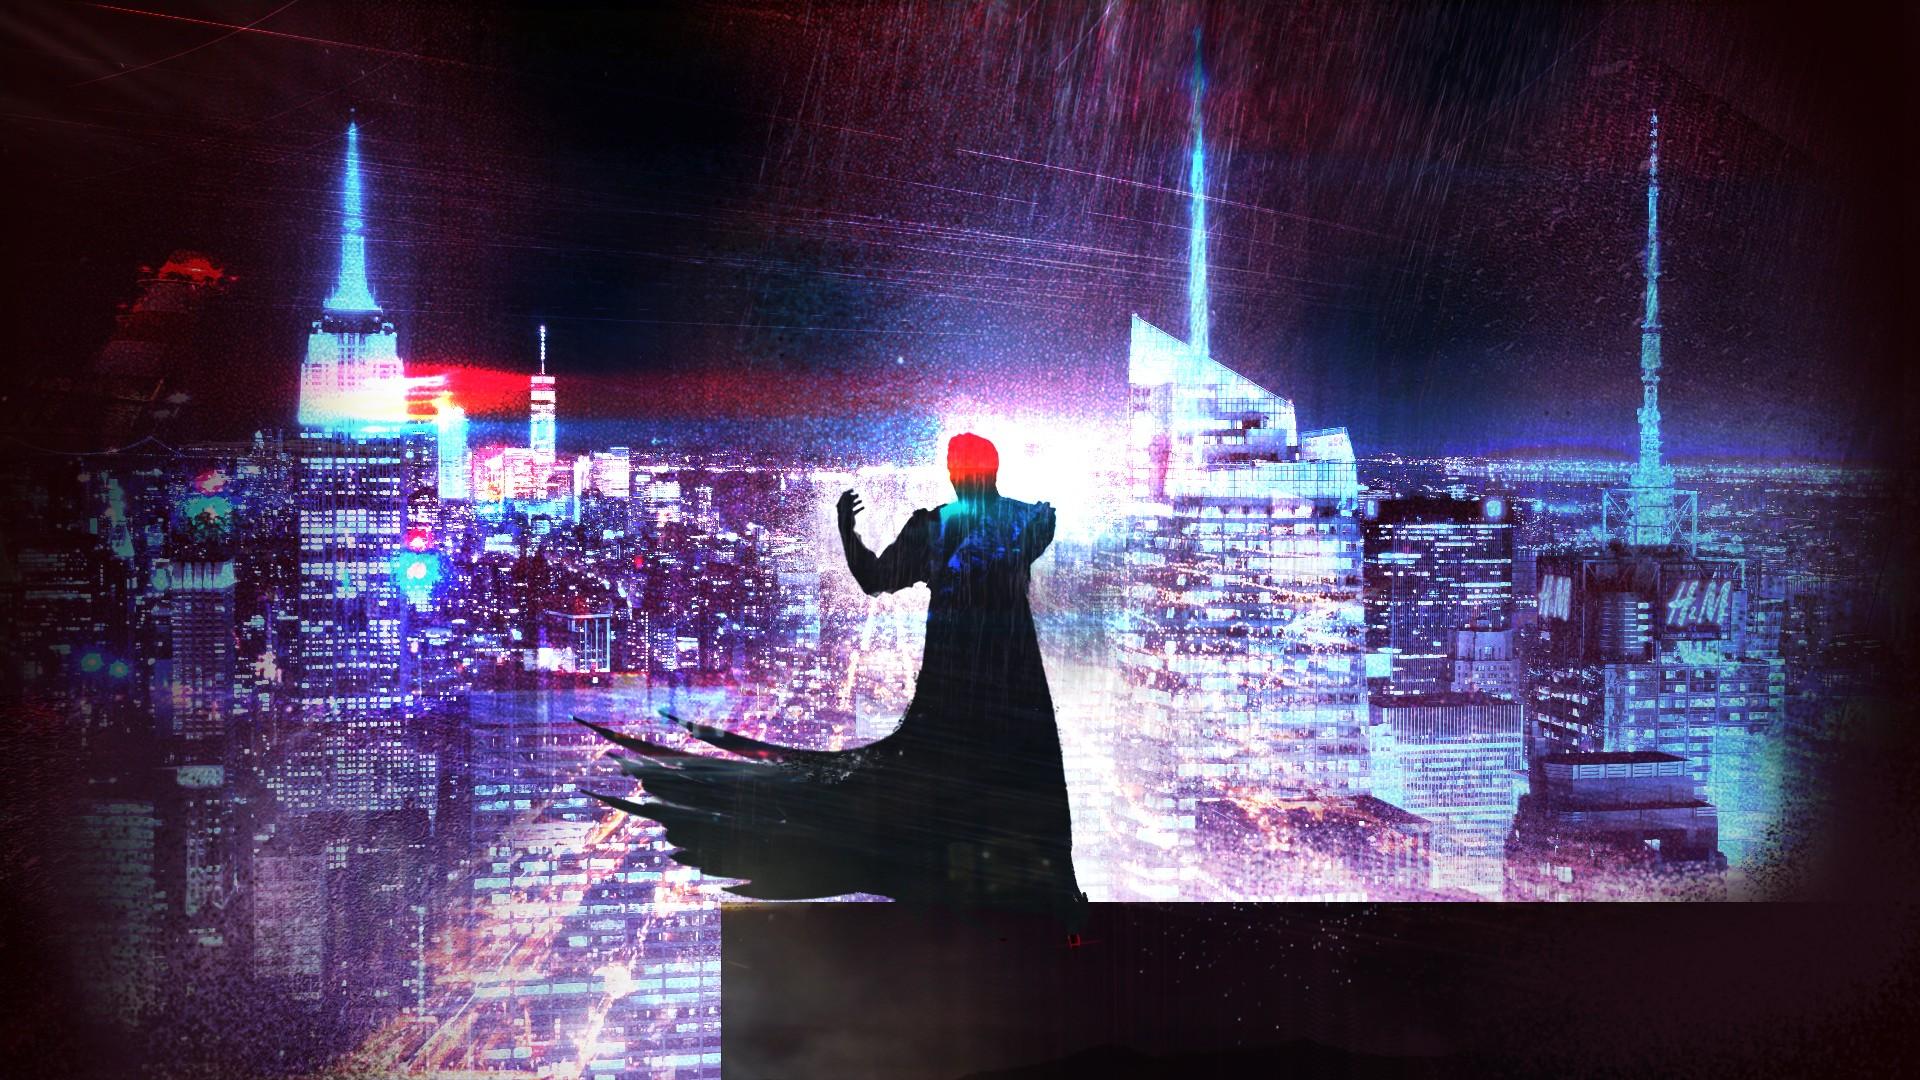 В конце года выйдет новая Vampire: The Masquerade, но это не Bloodlines2